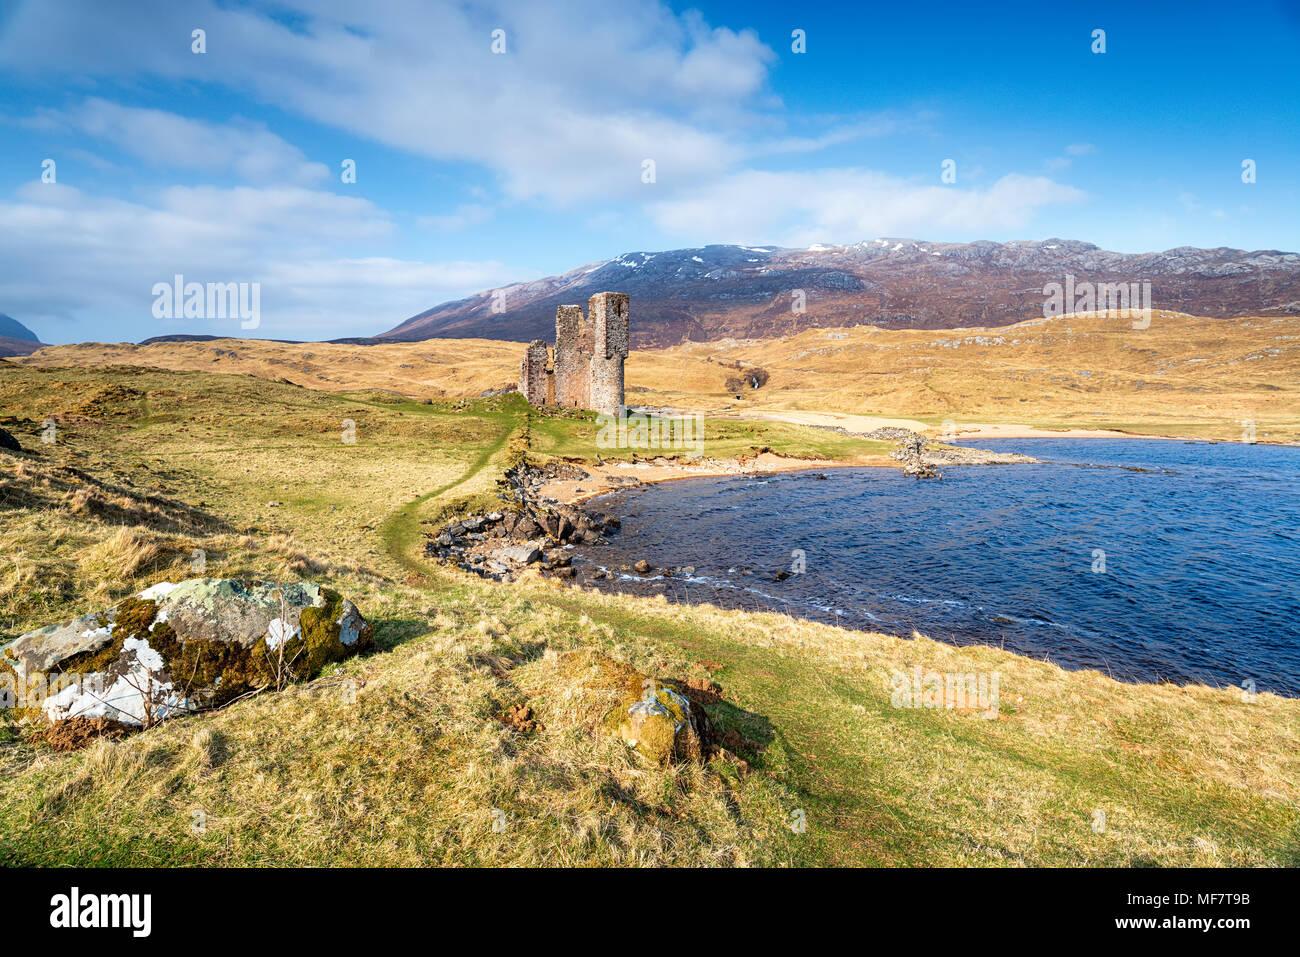 Les ruines d'Ardvreck Castle sur les rives du Loch Assynt à Sutherland dans les Highlands écossais et d'une partie de la route touristique NC500 Photo Stock